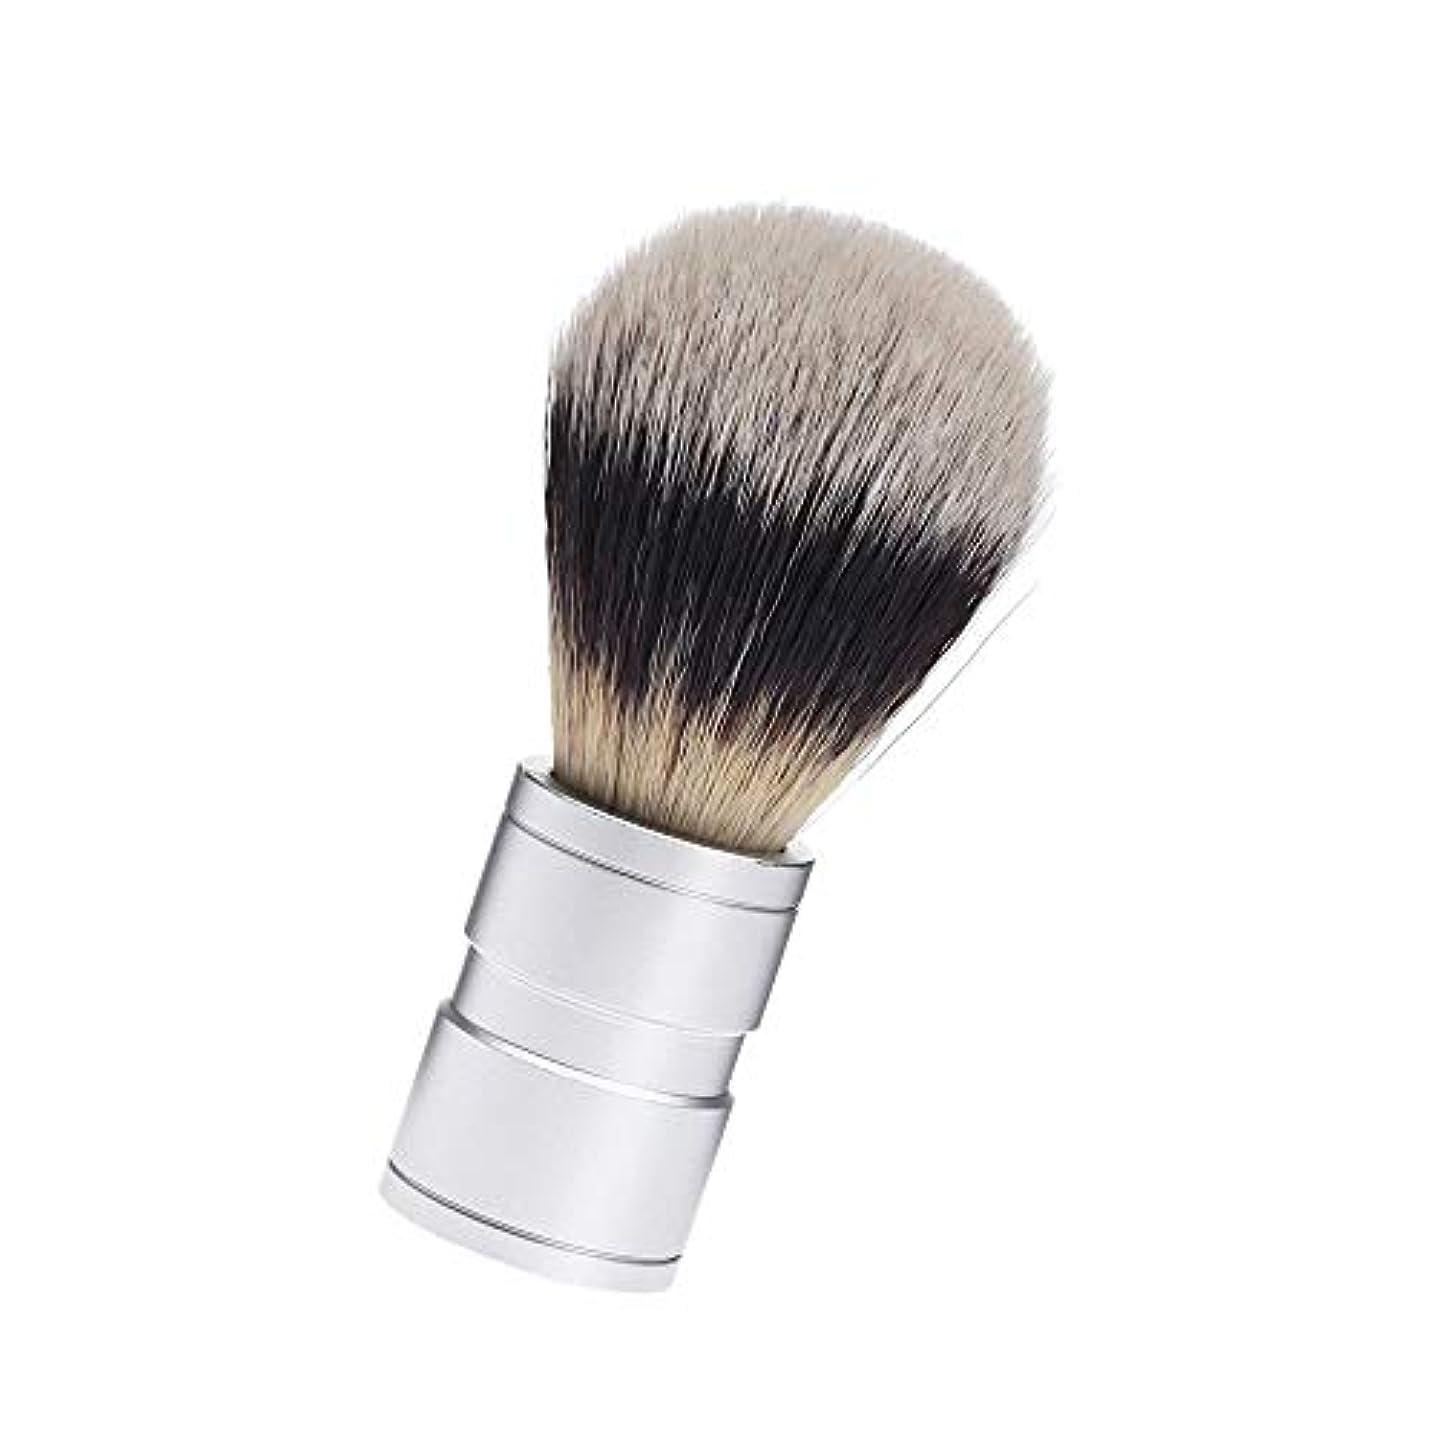 反響する過半数いつ1本セット 毛 ファイン シェービング用ブラシ シェービングブラシ 理容 洗顔 髭剃り